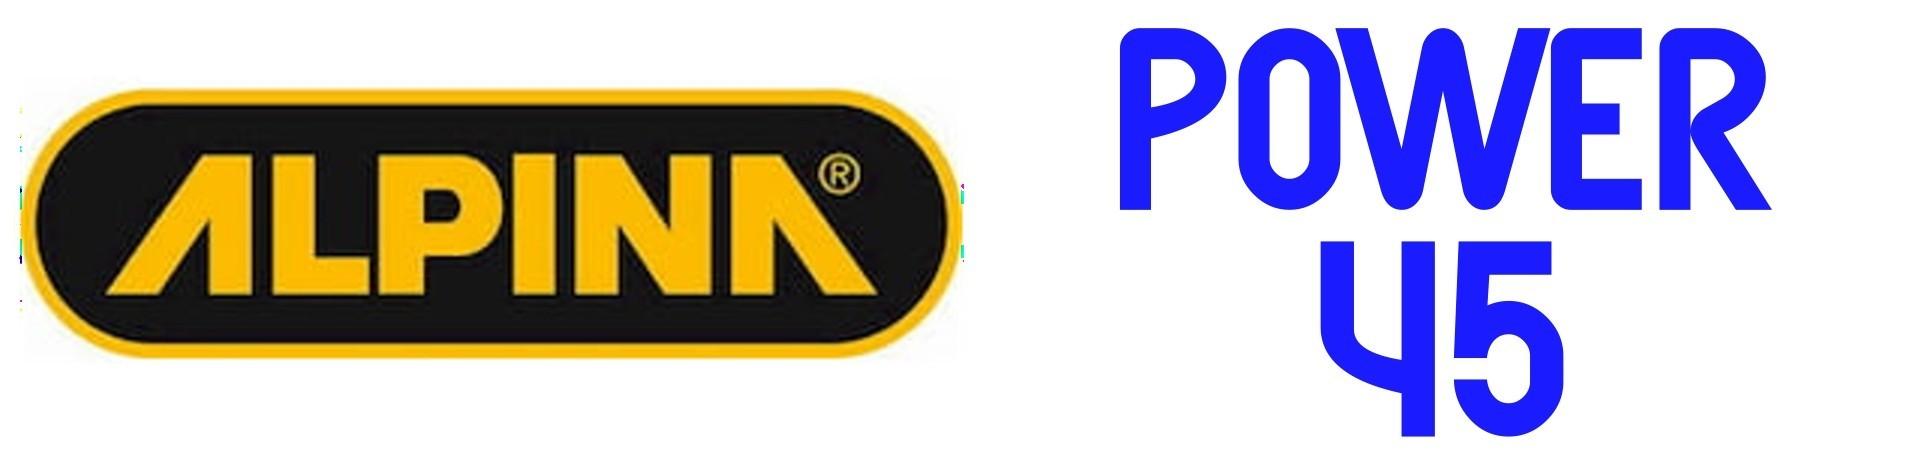 RECAMBIOS para Desbrozador Alpina POWER 45 con Mejor PRECIO del Mercado